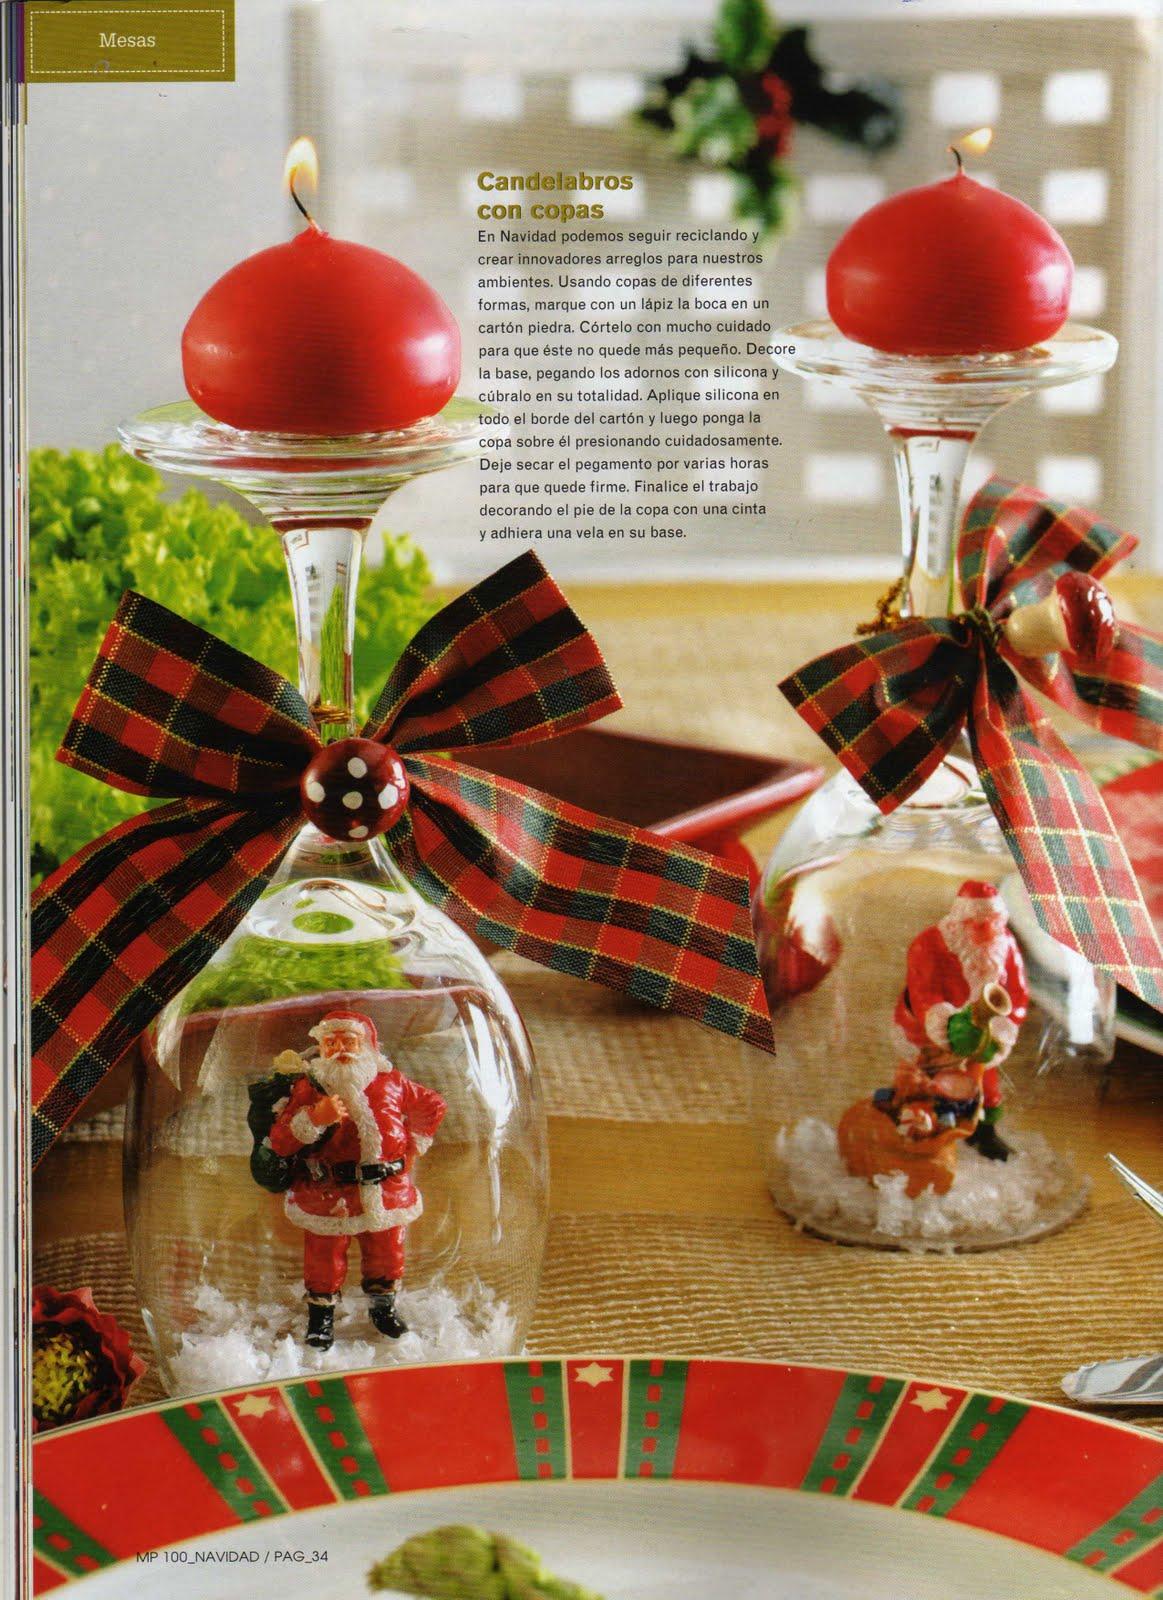 Decoraciones para navidad wreath o coronas para adornar for Adornos navidenos con copas y velas